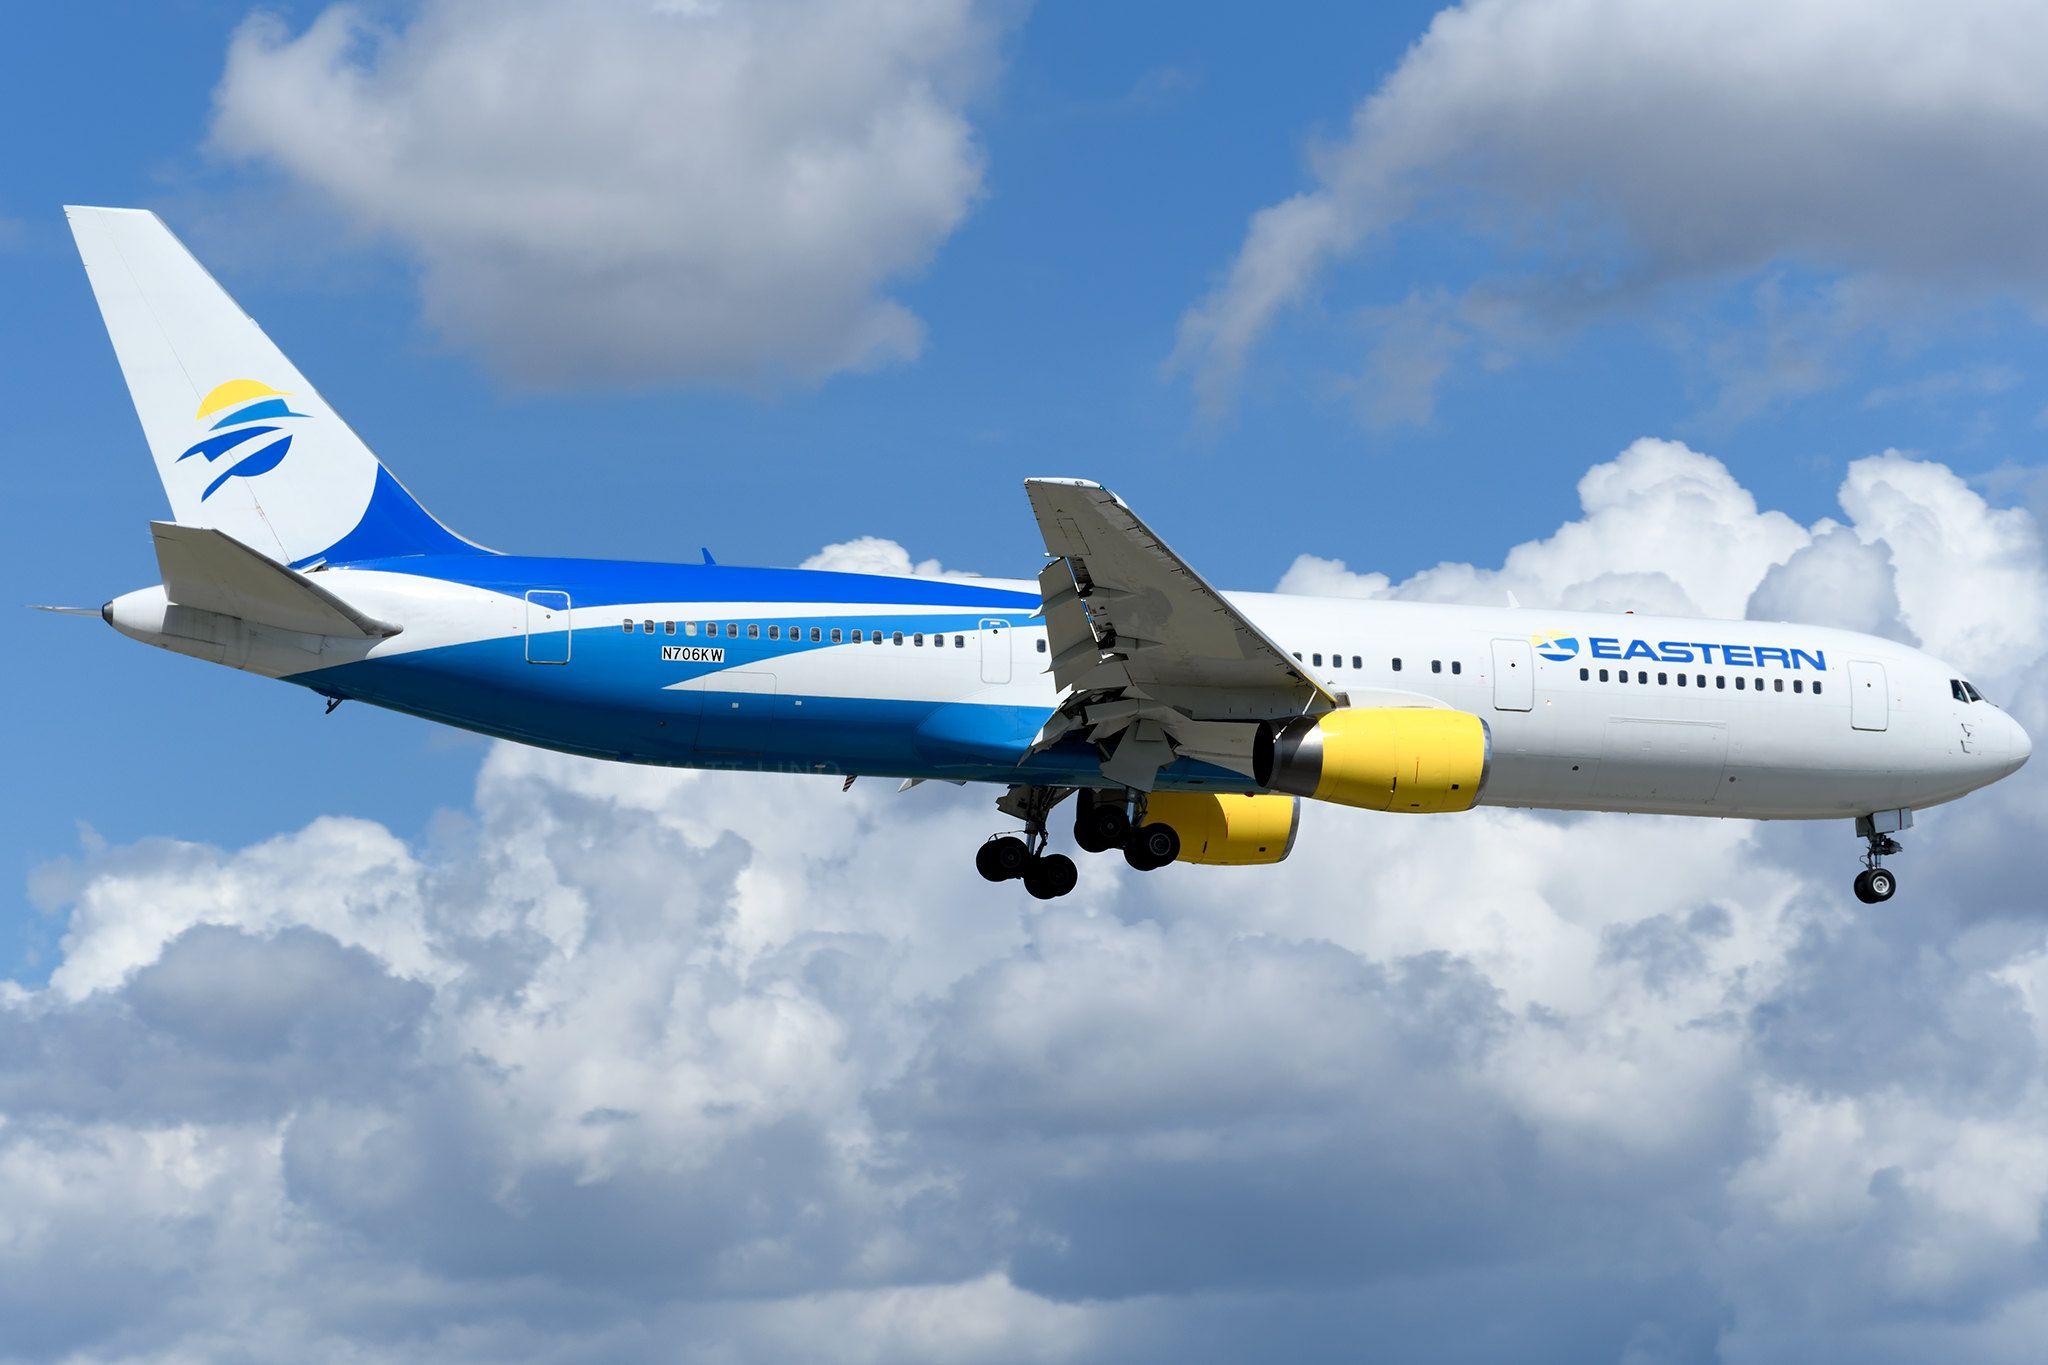 Pin on Eastern 737, 767